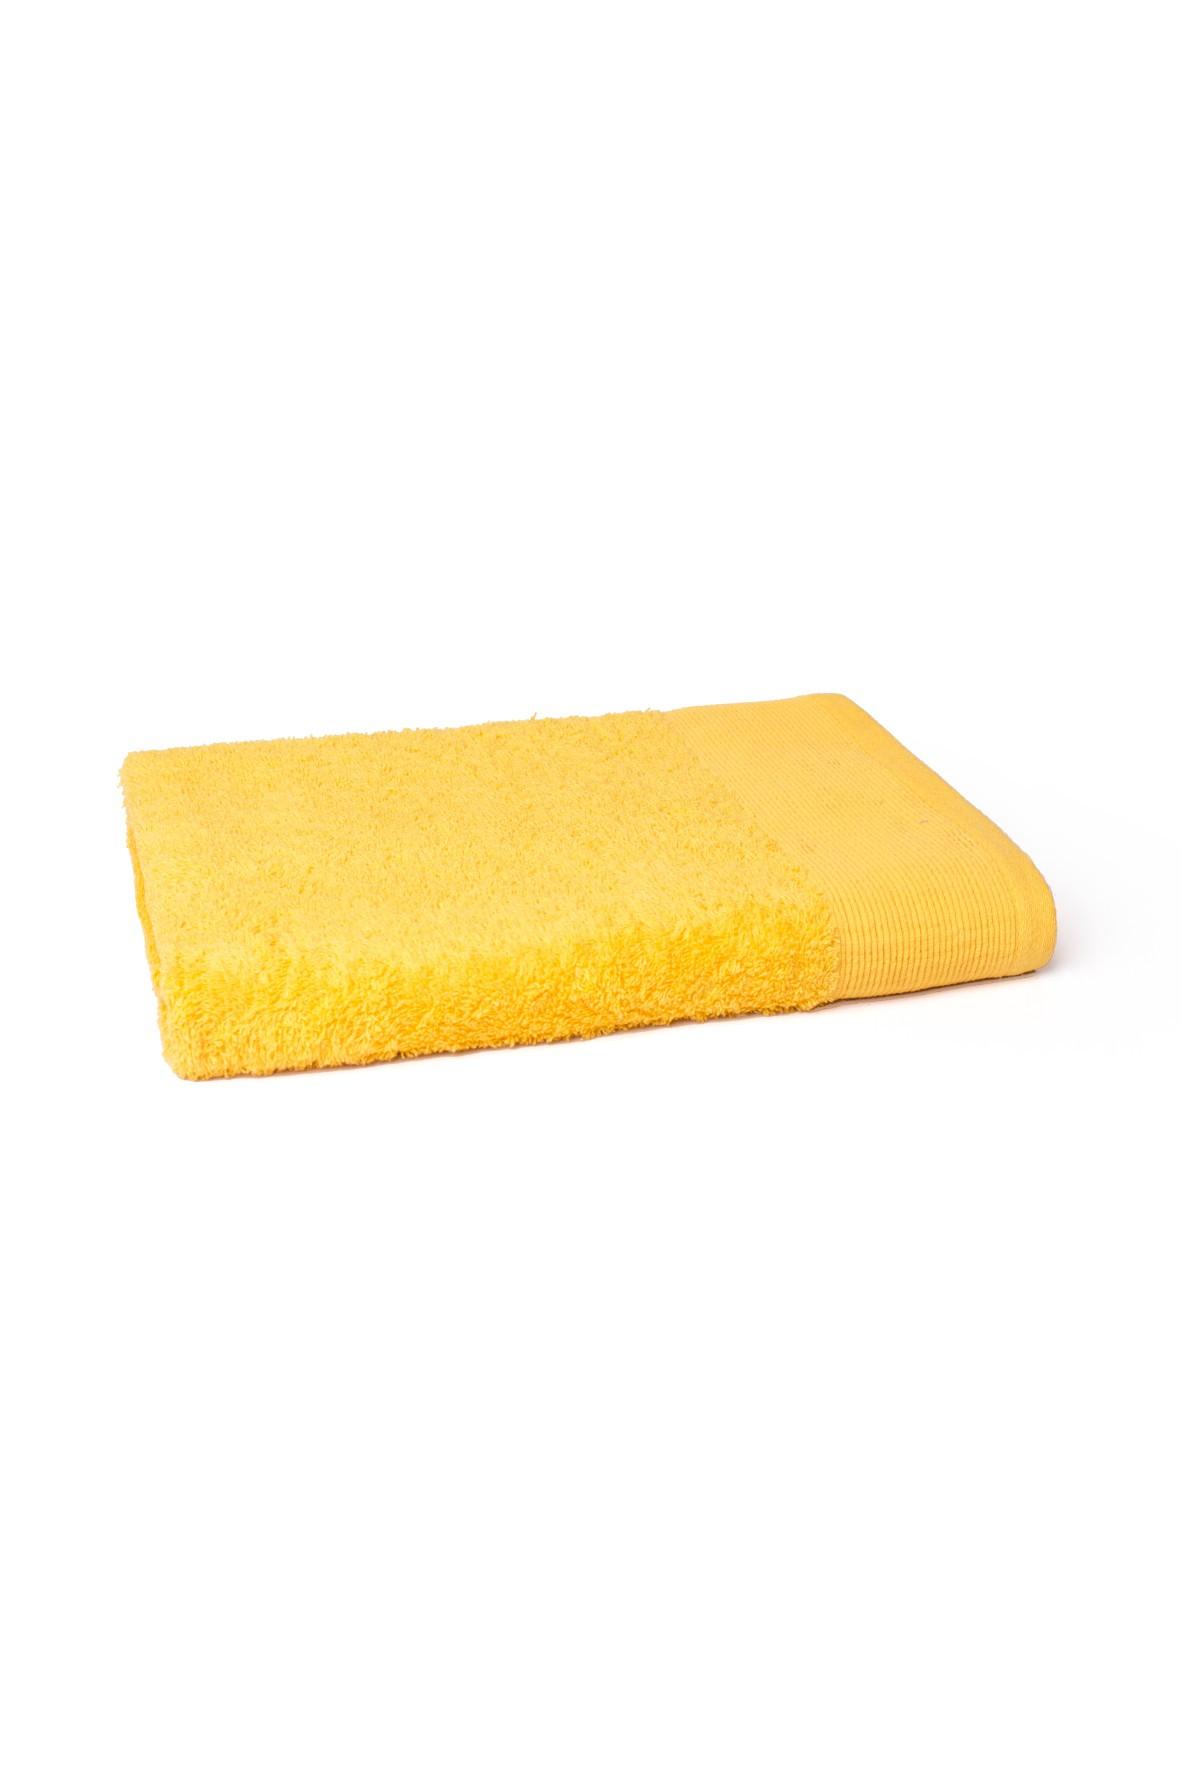 Bawełniany ręcznik w kolorze żółtym 70x140 cm